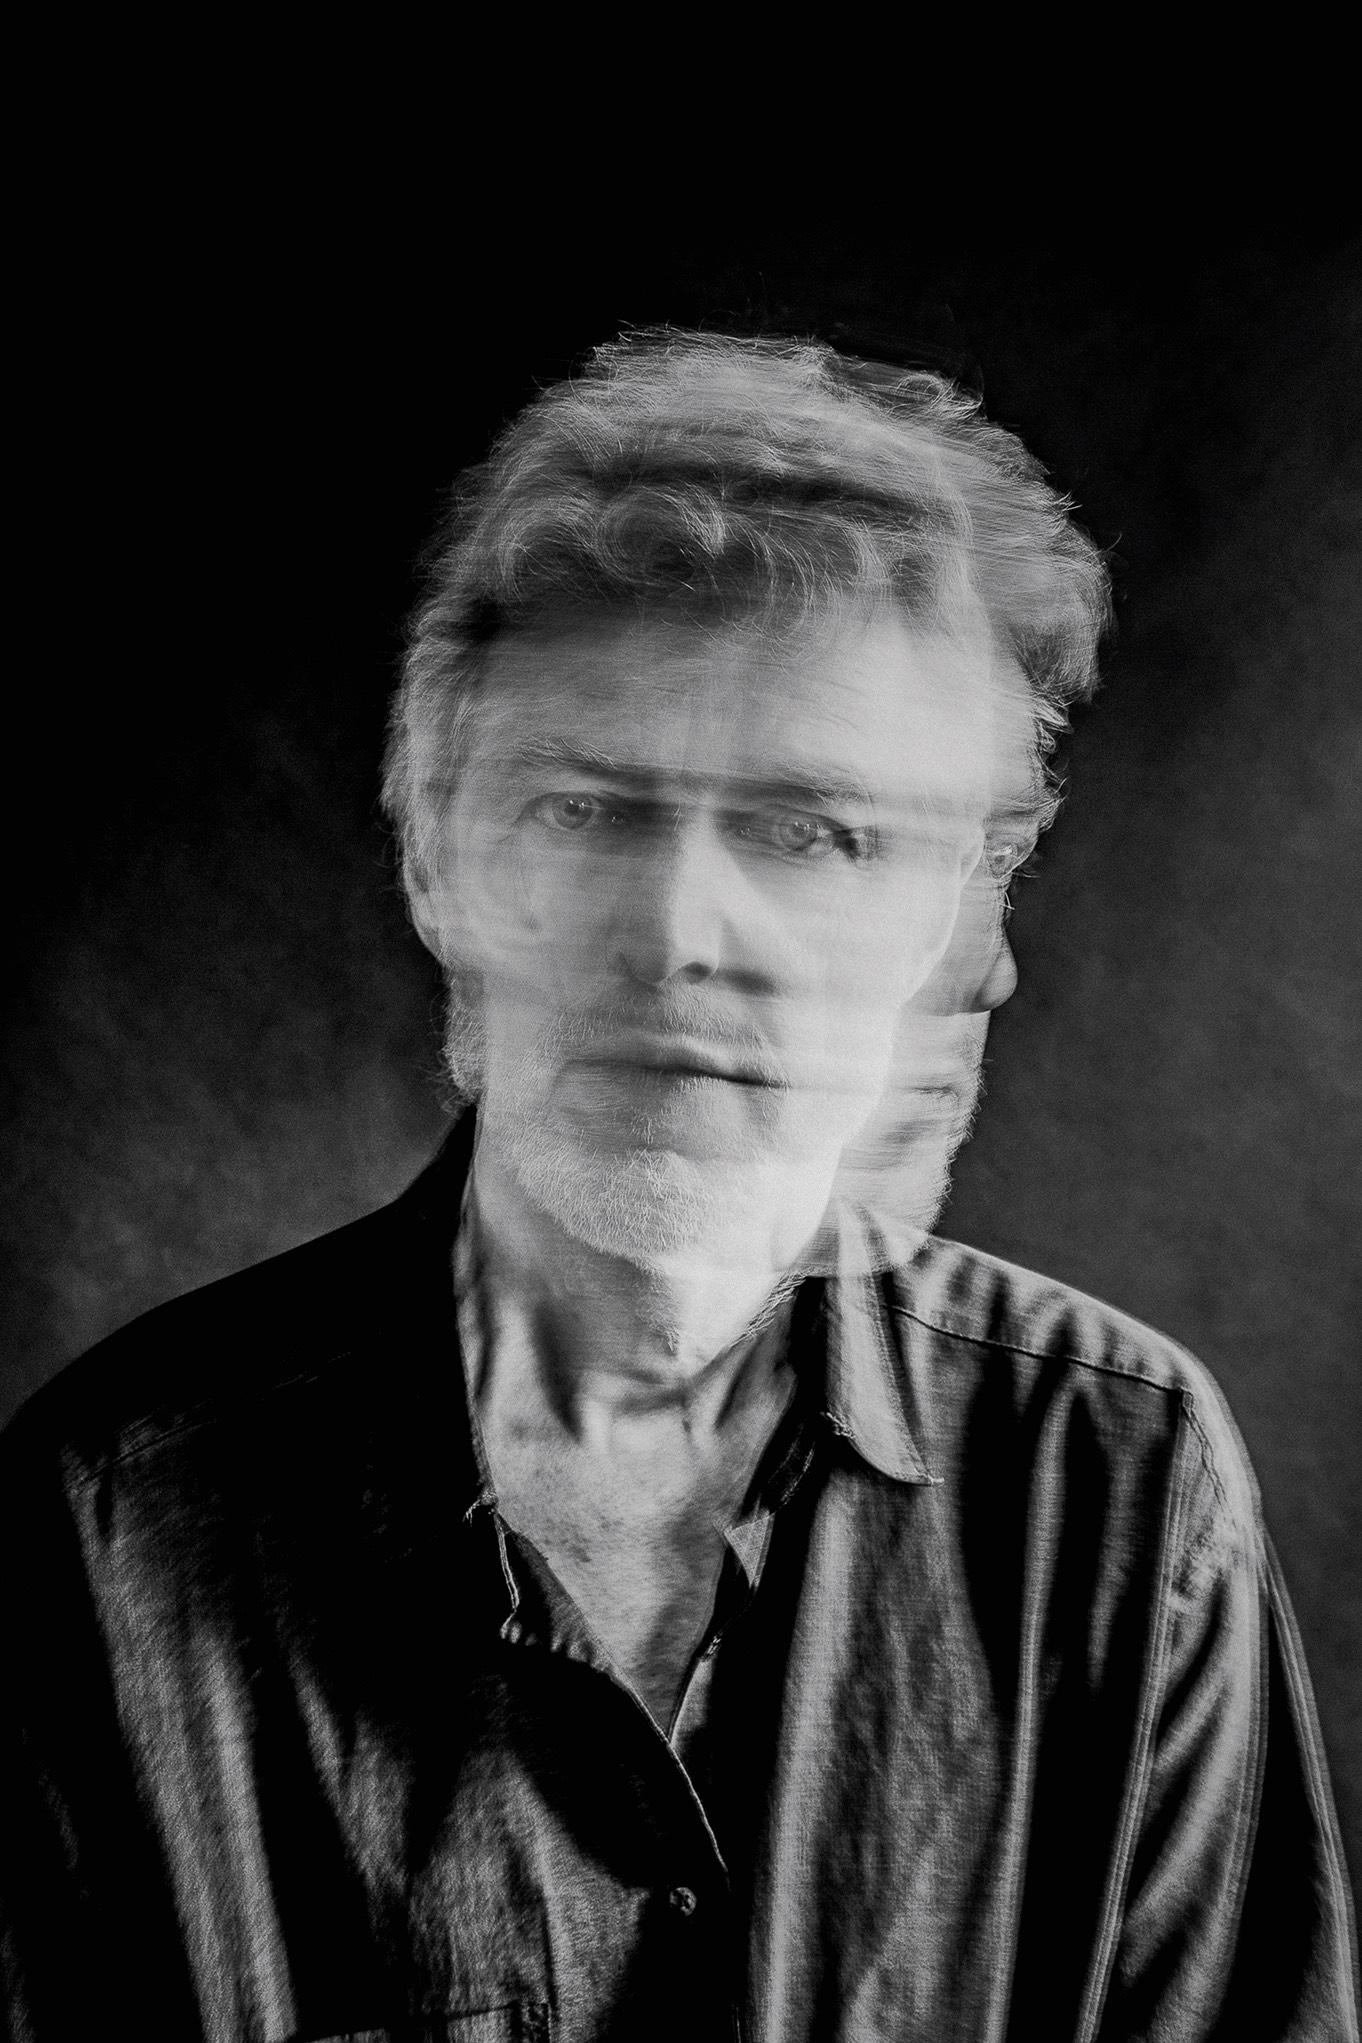 henrik littauer